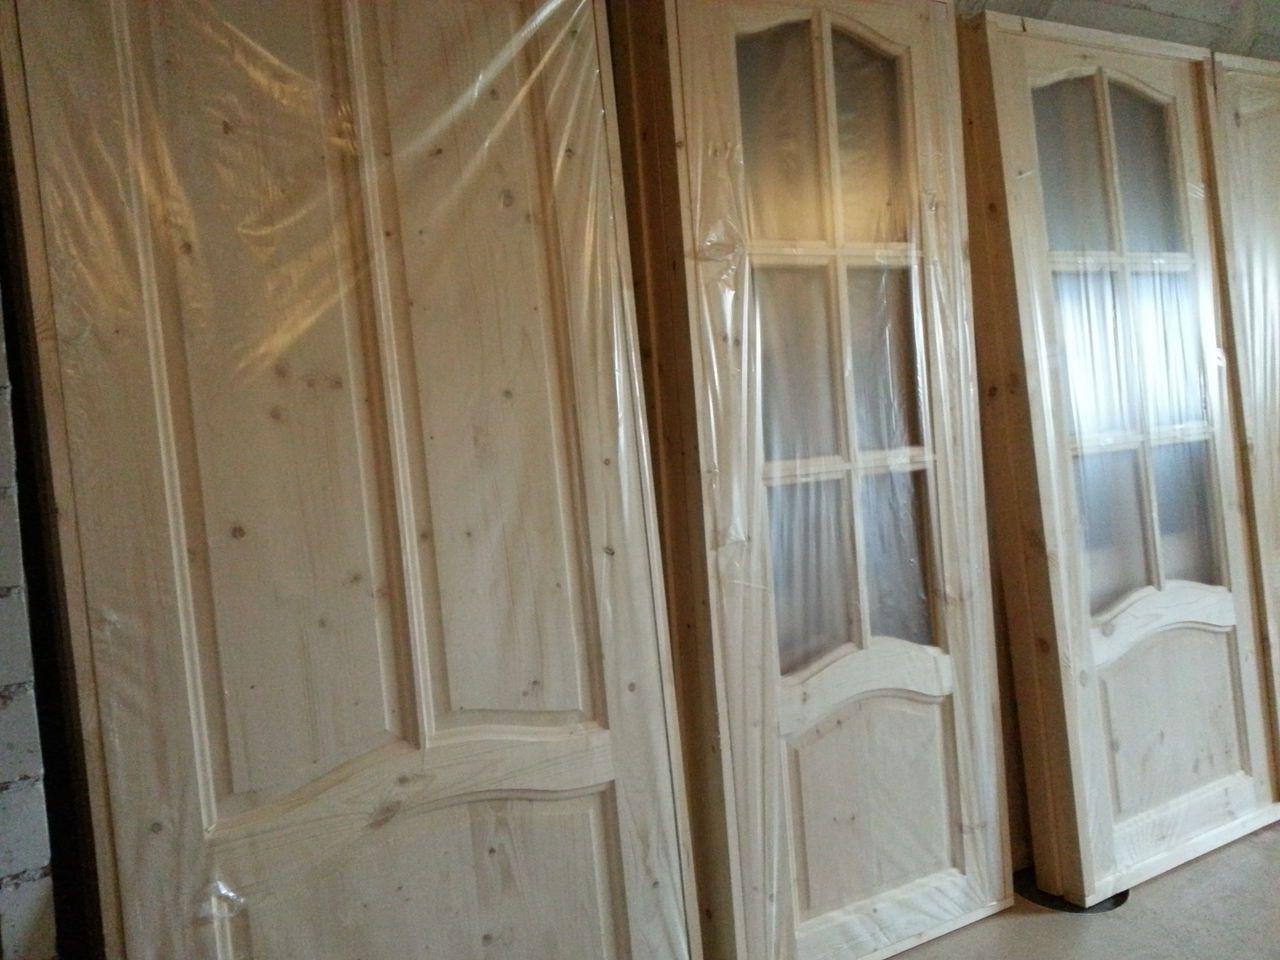 Wooden interior doors in stock